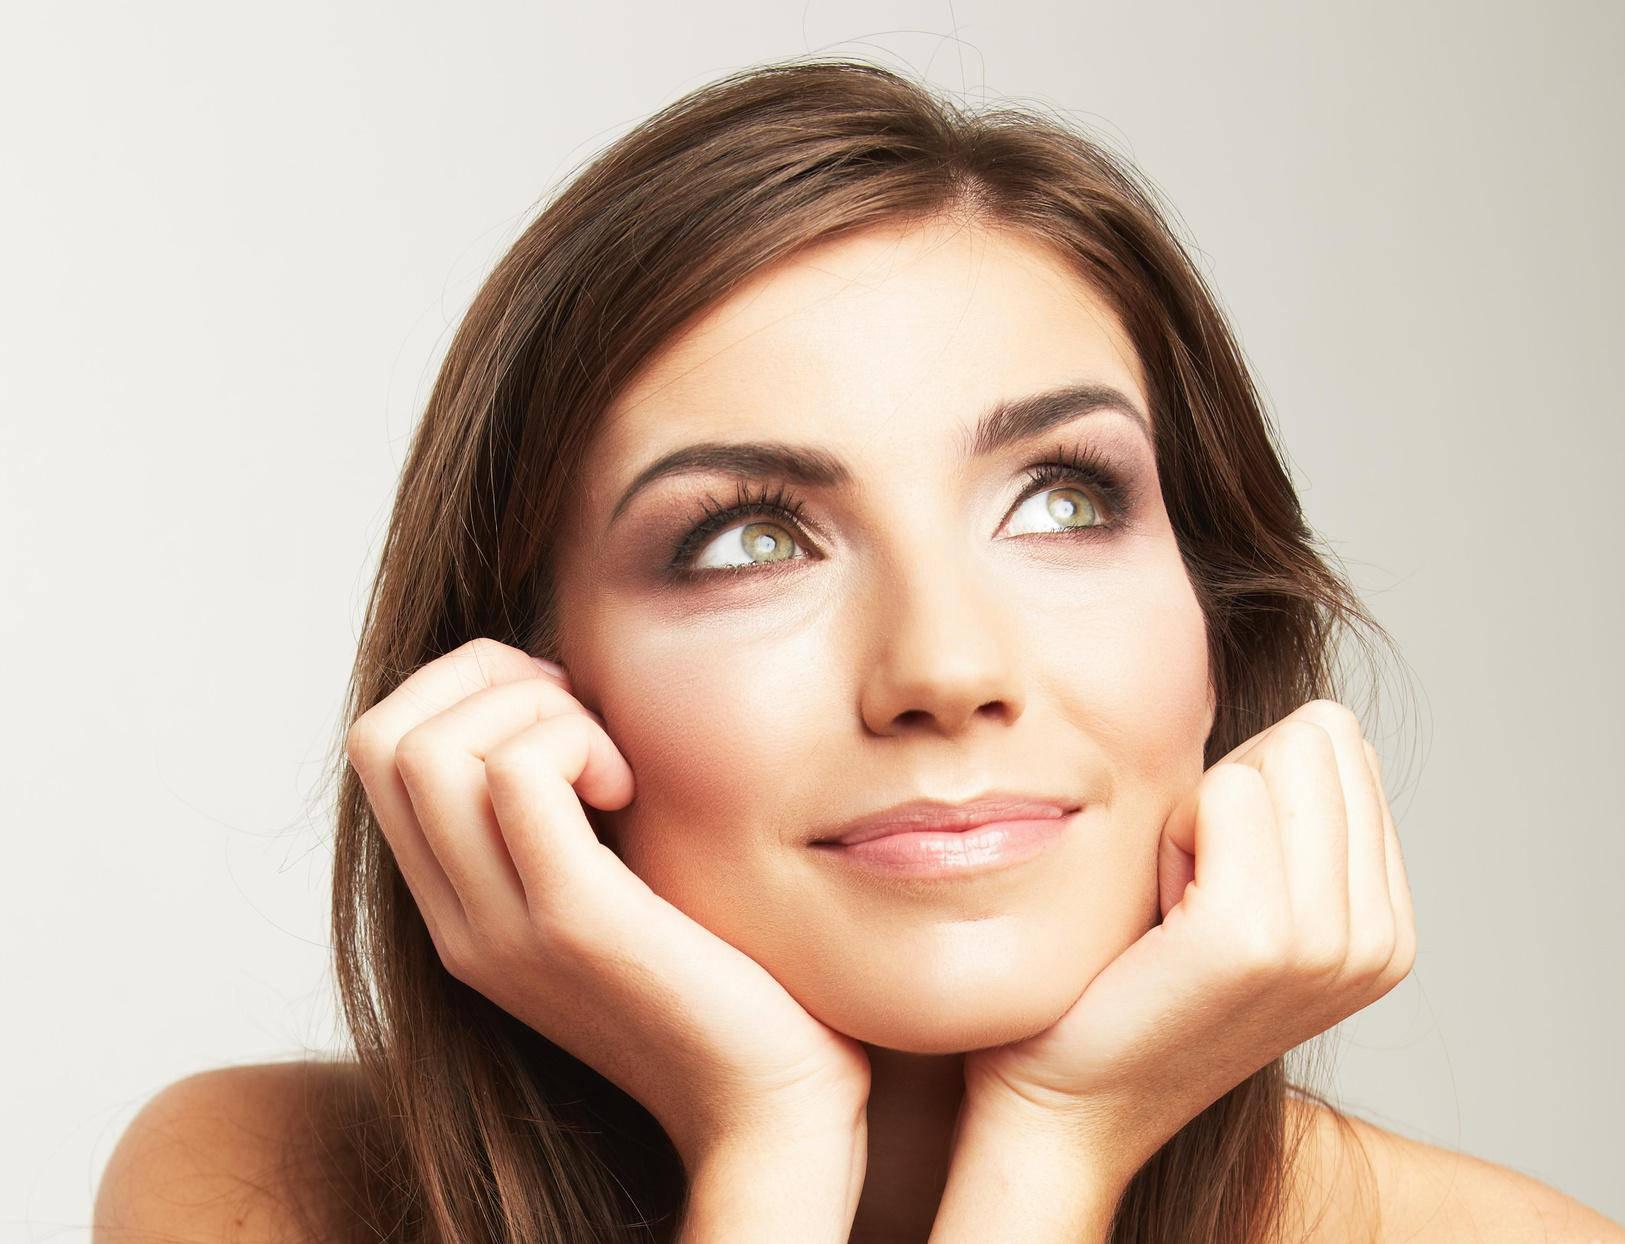 Korištenje dnevne kreme na području oko očiju: Neki sastojci mogu iritirati osjetljivi dio lica